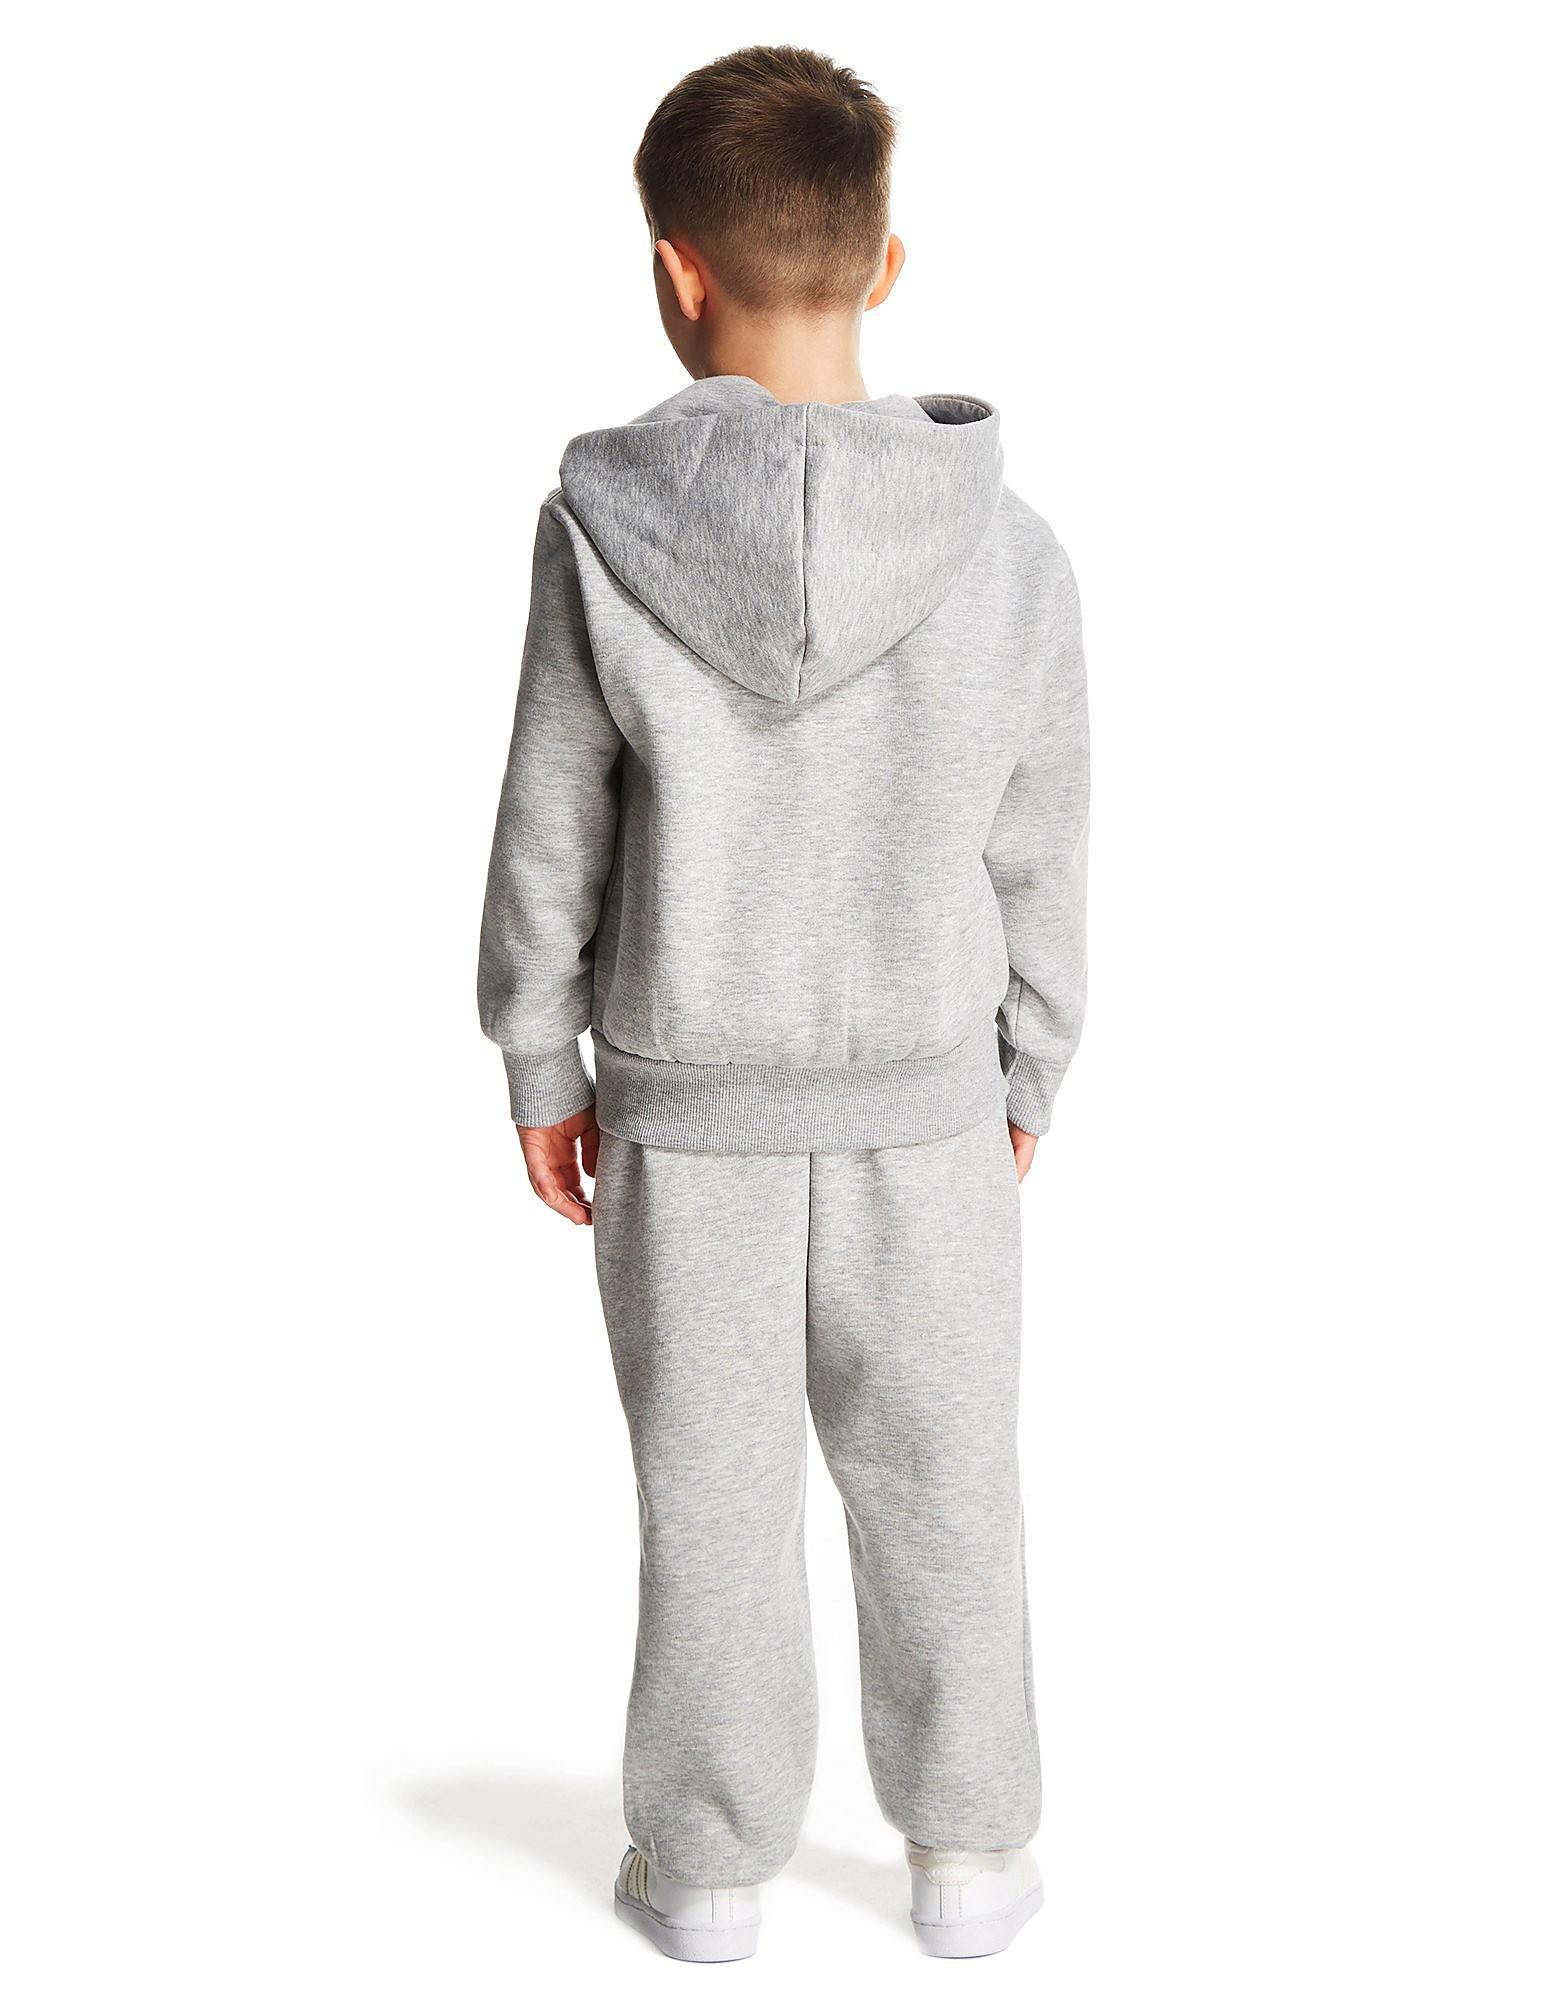 McKenzie Wilton Suit Children